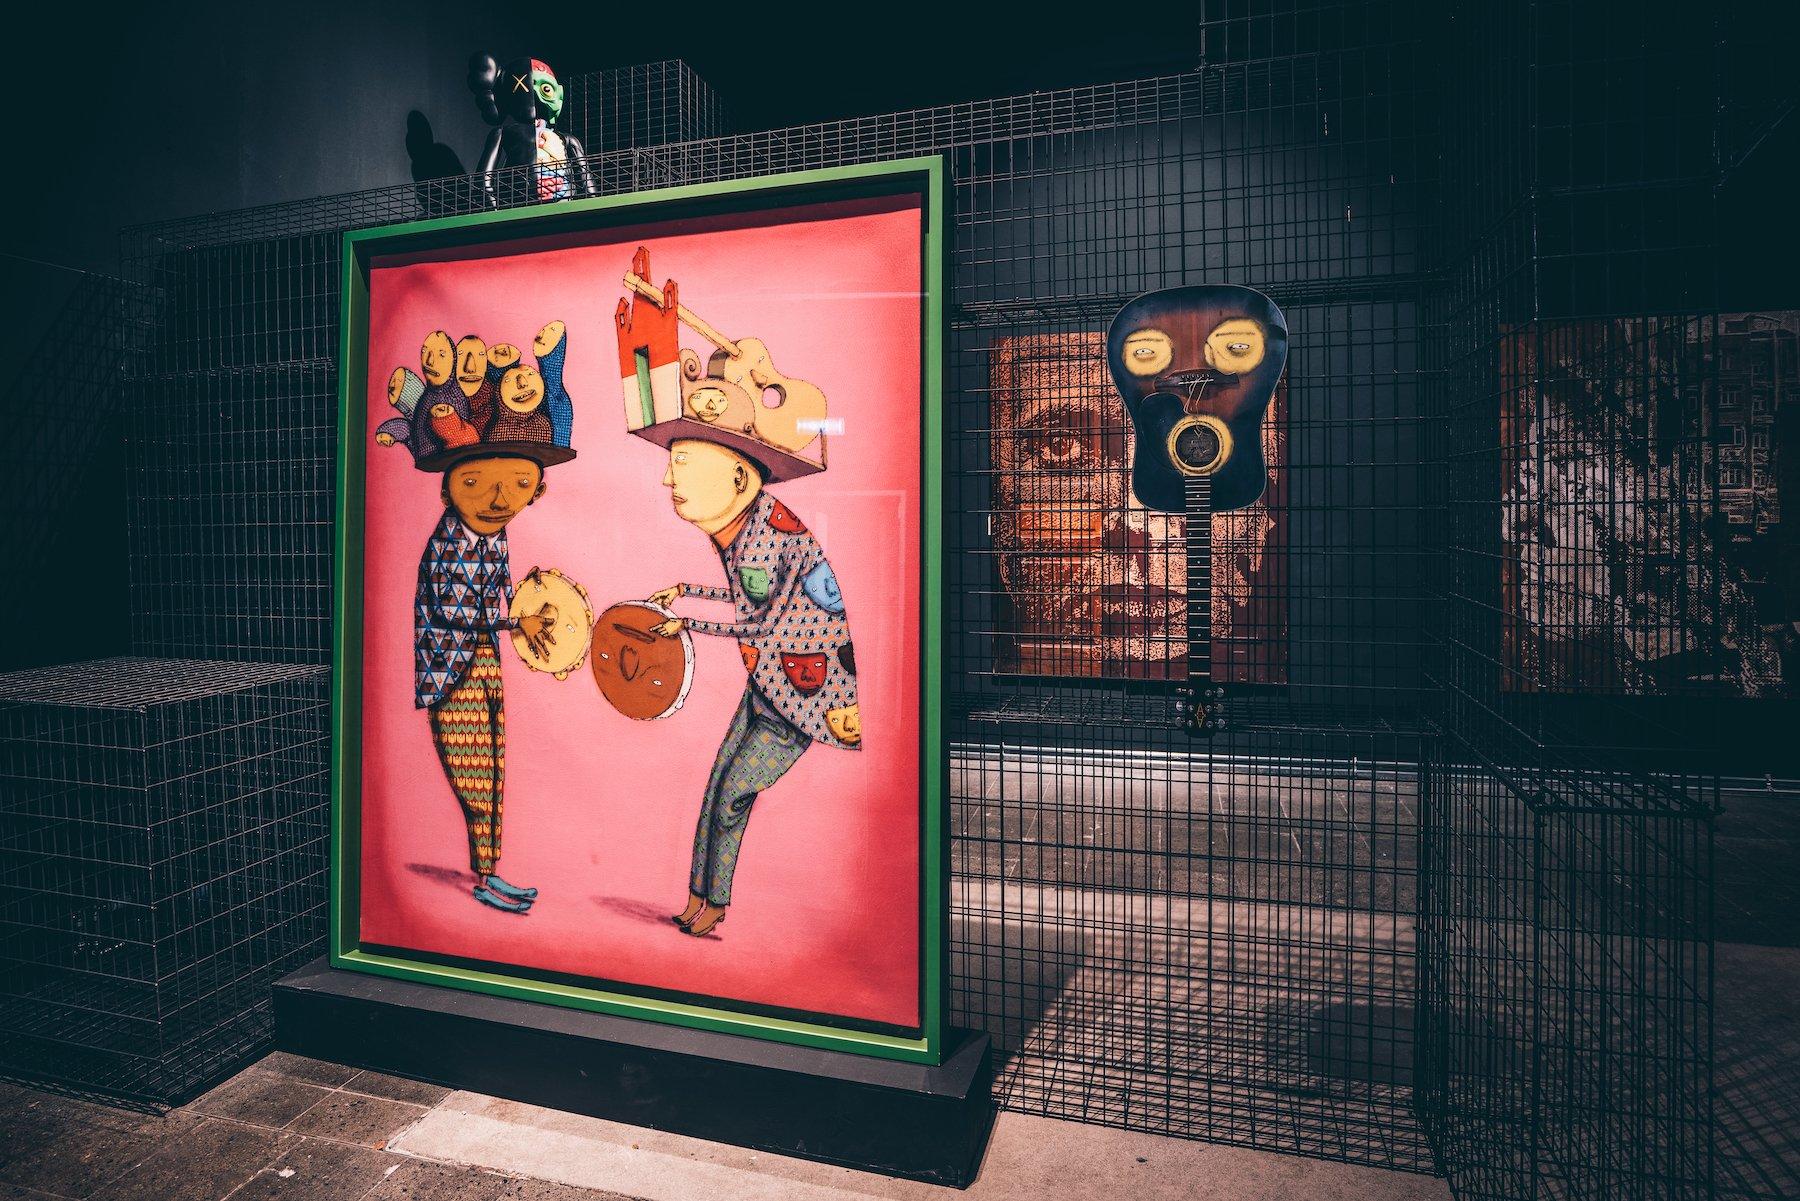 Kunstschau der Extraklasse: Die bedeutendsten Künstler der Street Art Szene sind vertreten.  – ©wunderland media GmbH